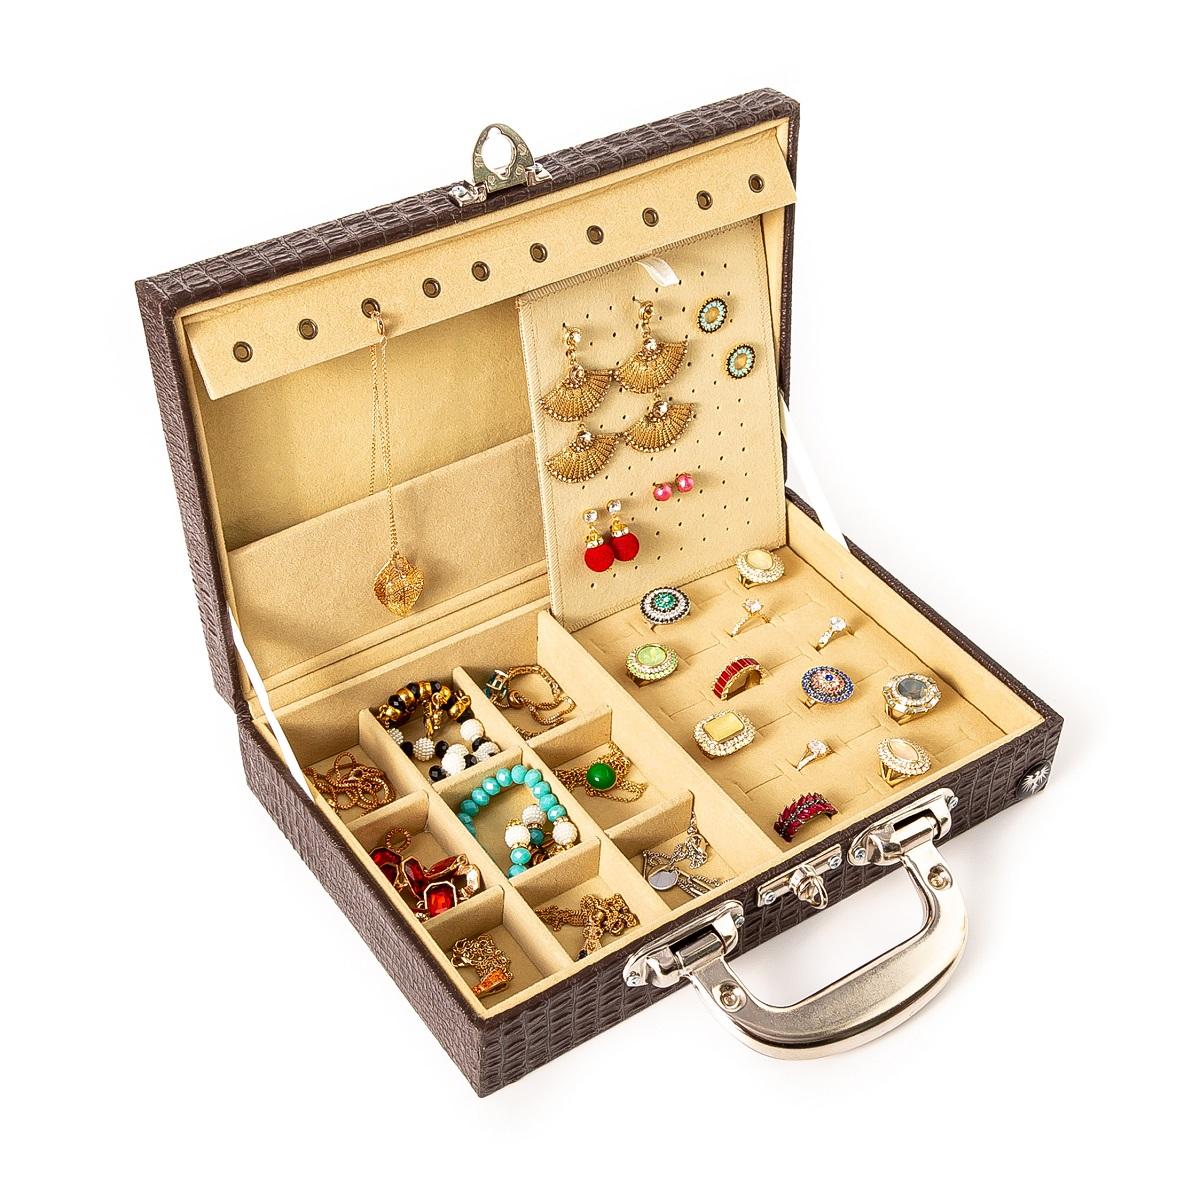 maleta-porta-joias-couro-ecologico-pequeno-marrom-bege-imagem-6.jpg